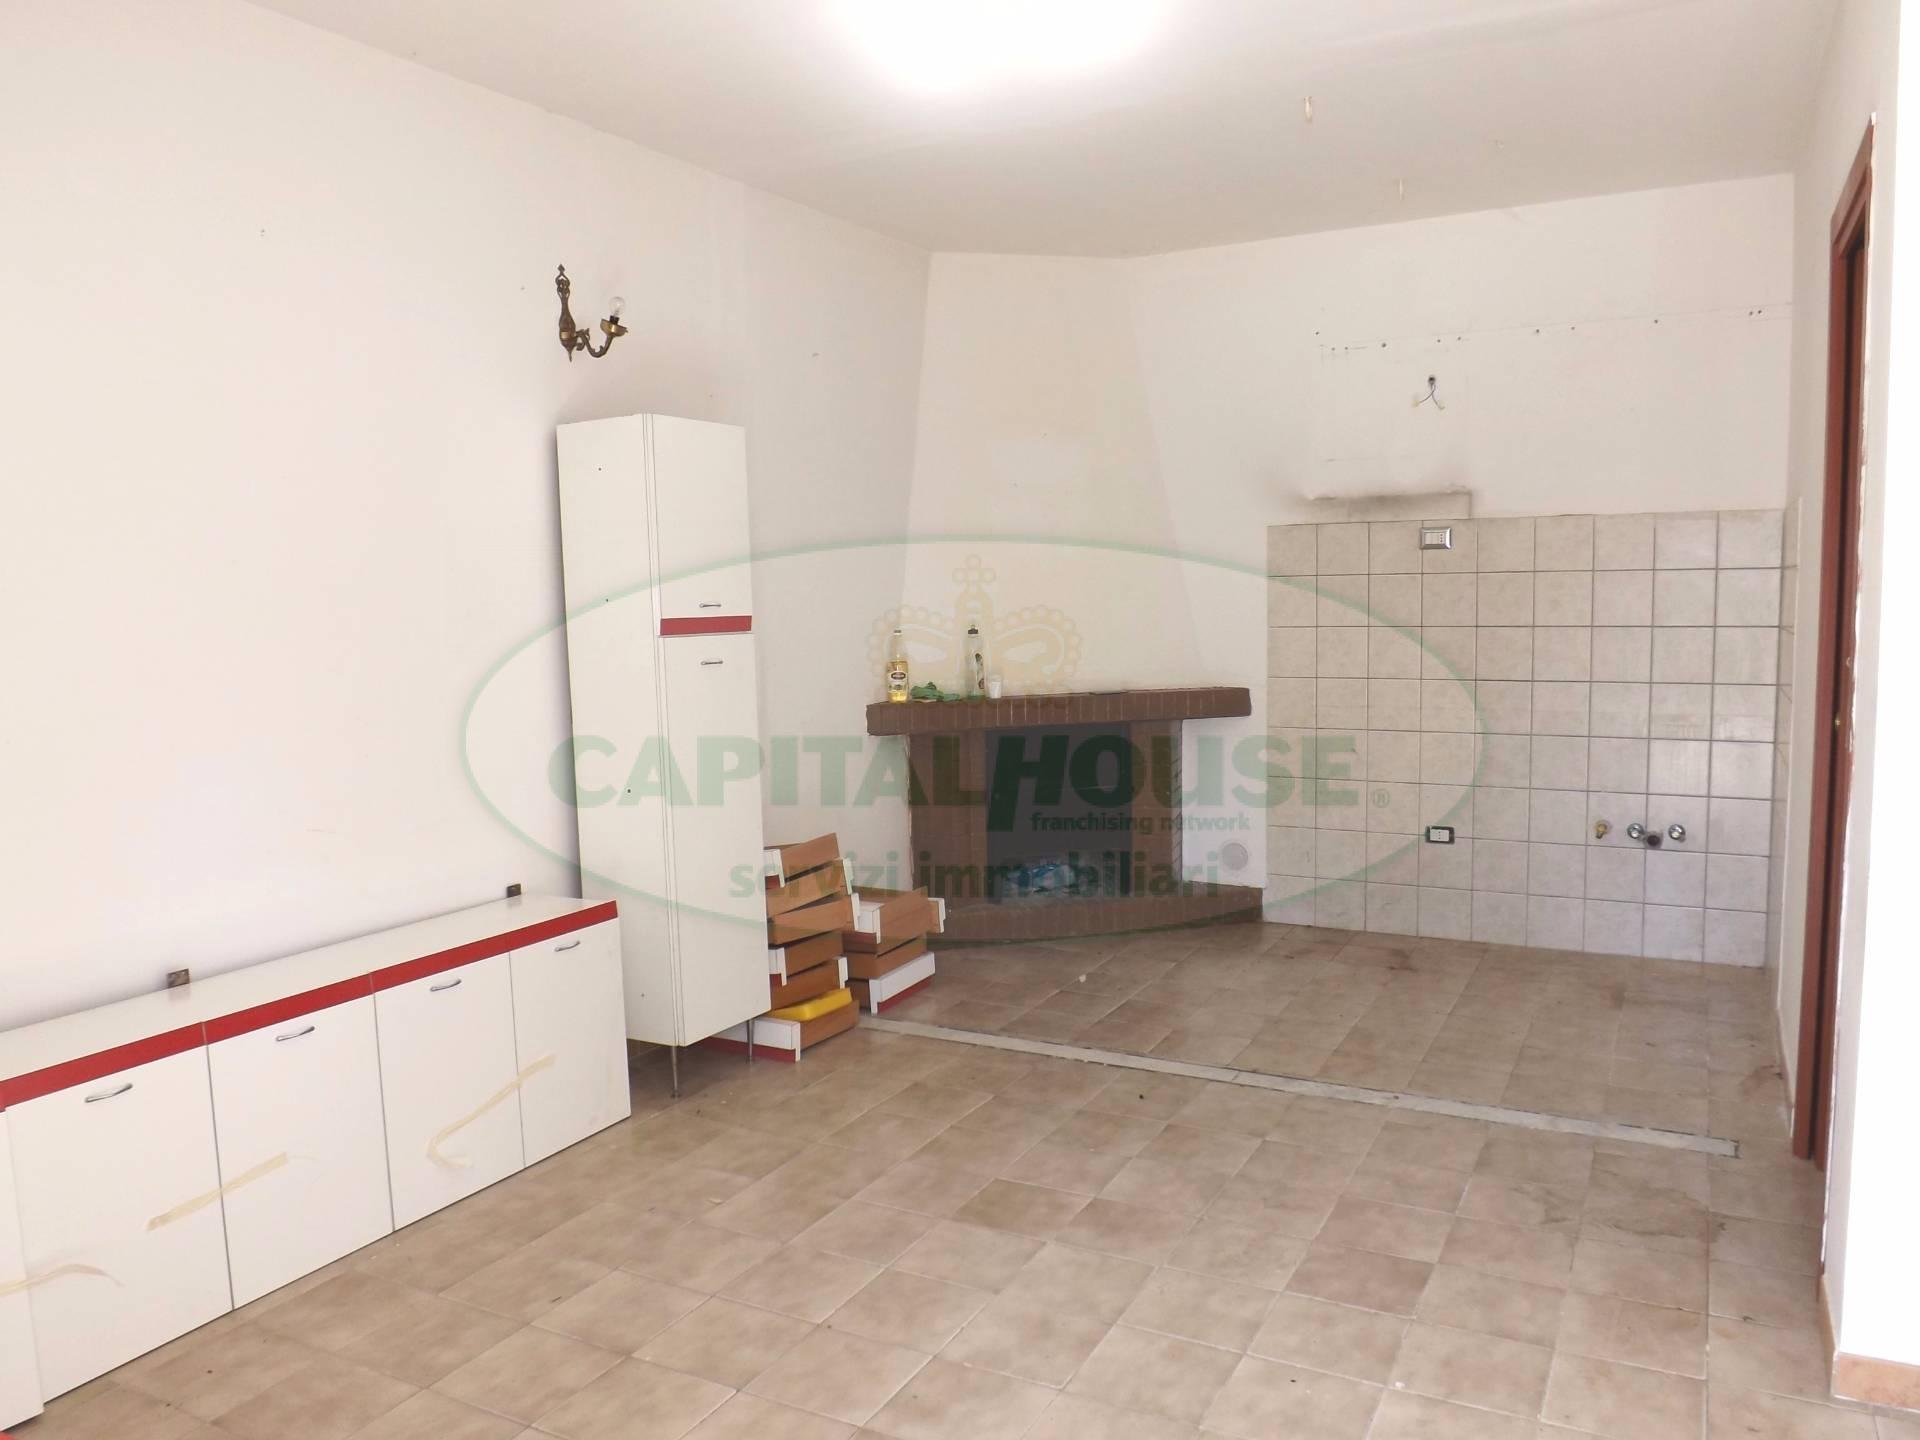 Soluzione Indipendente in vendita a Santo Stefano del Sole, 3 locali, prezzo € 37.000 | Cambio Casa.it